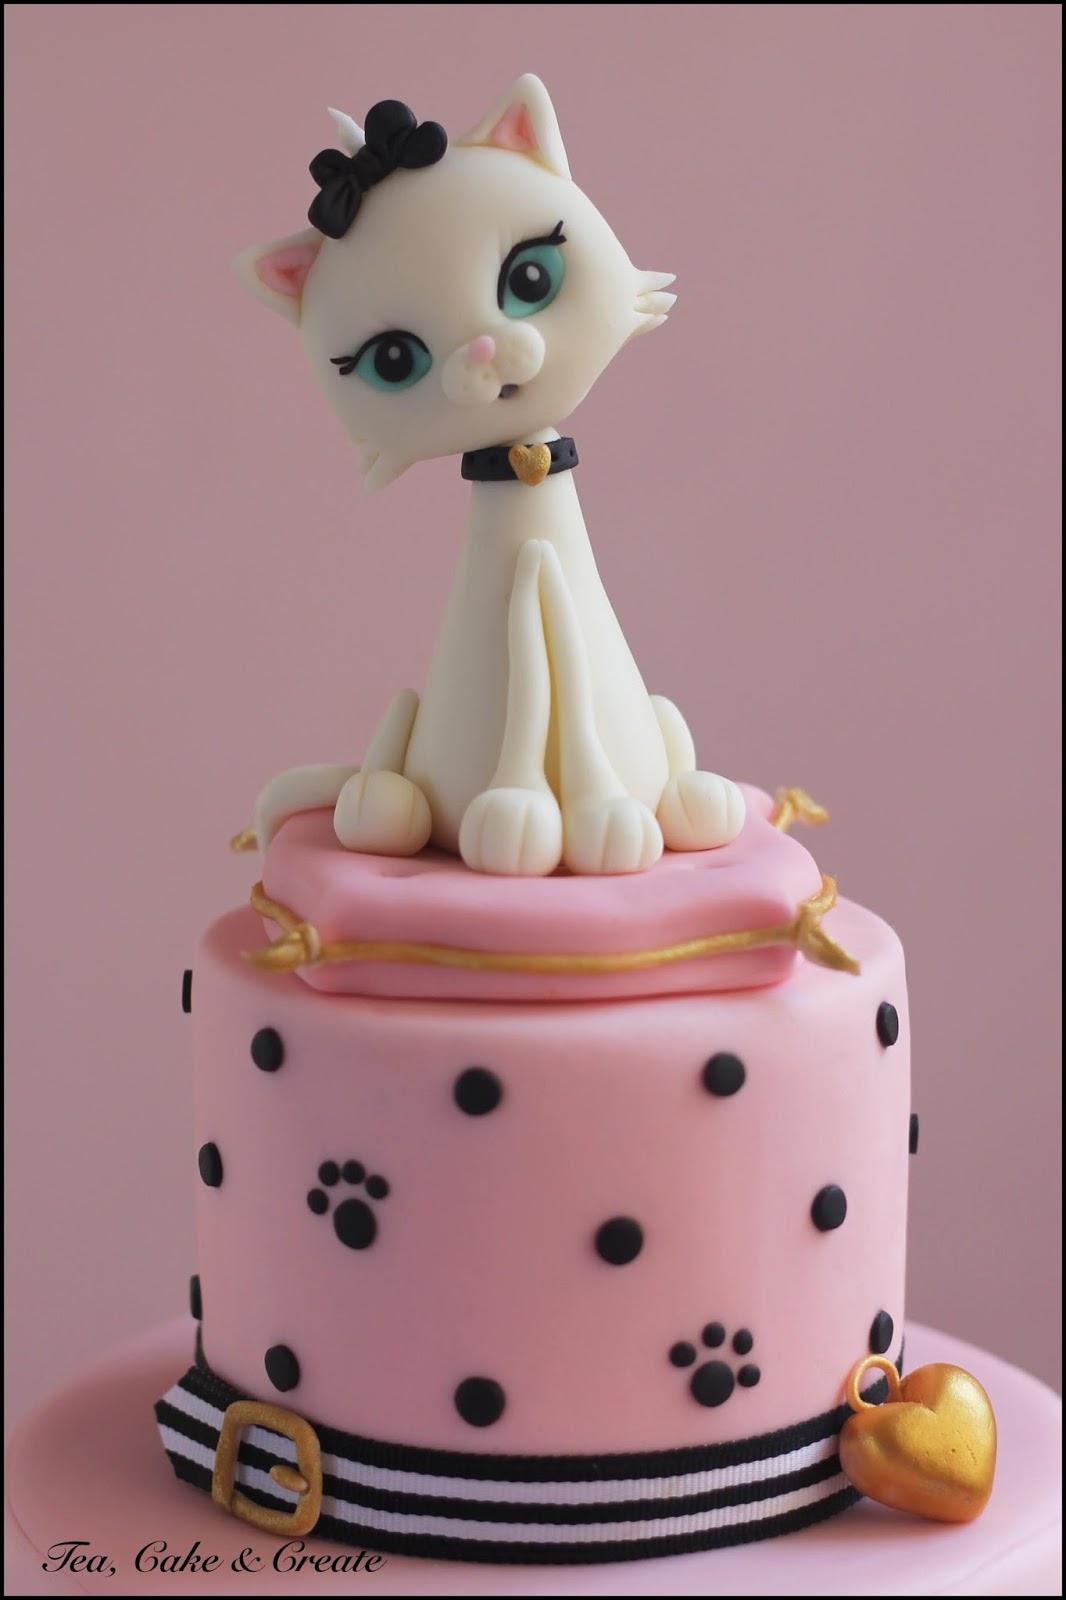 Happy Birthday Marina Cake